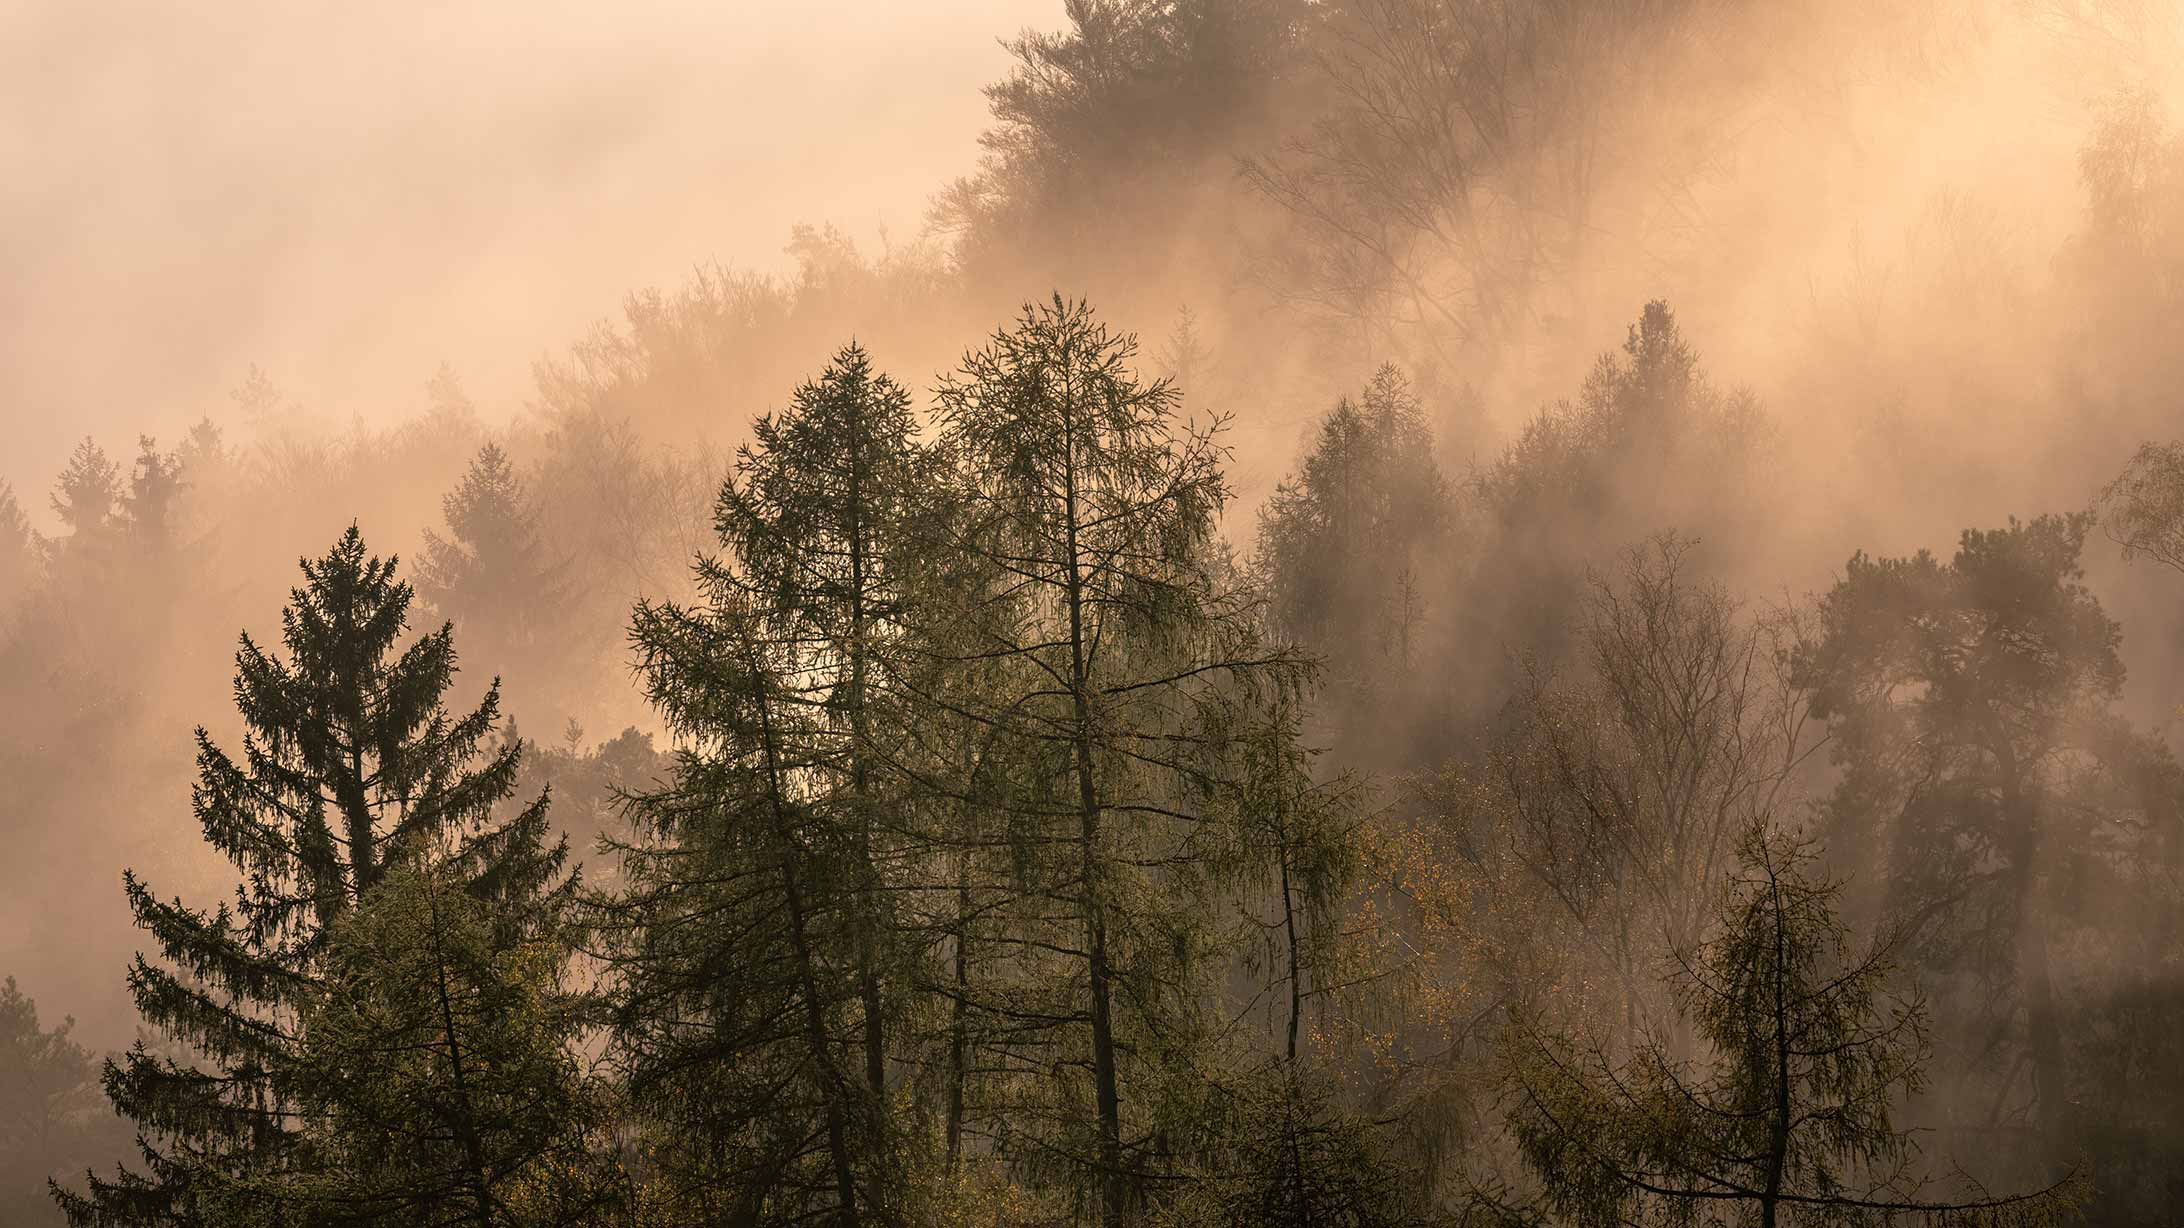 stimmungsbild, wald, nebel, thema netzdienstleistungen